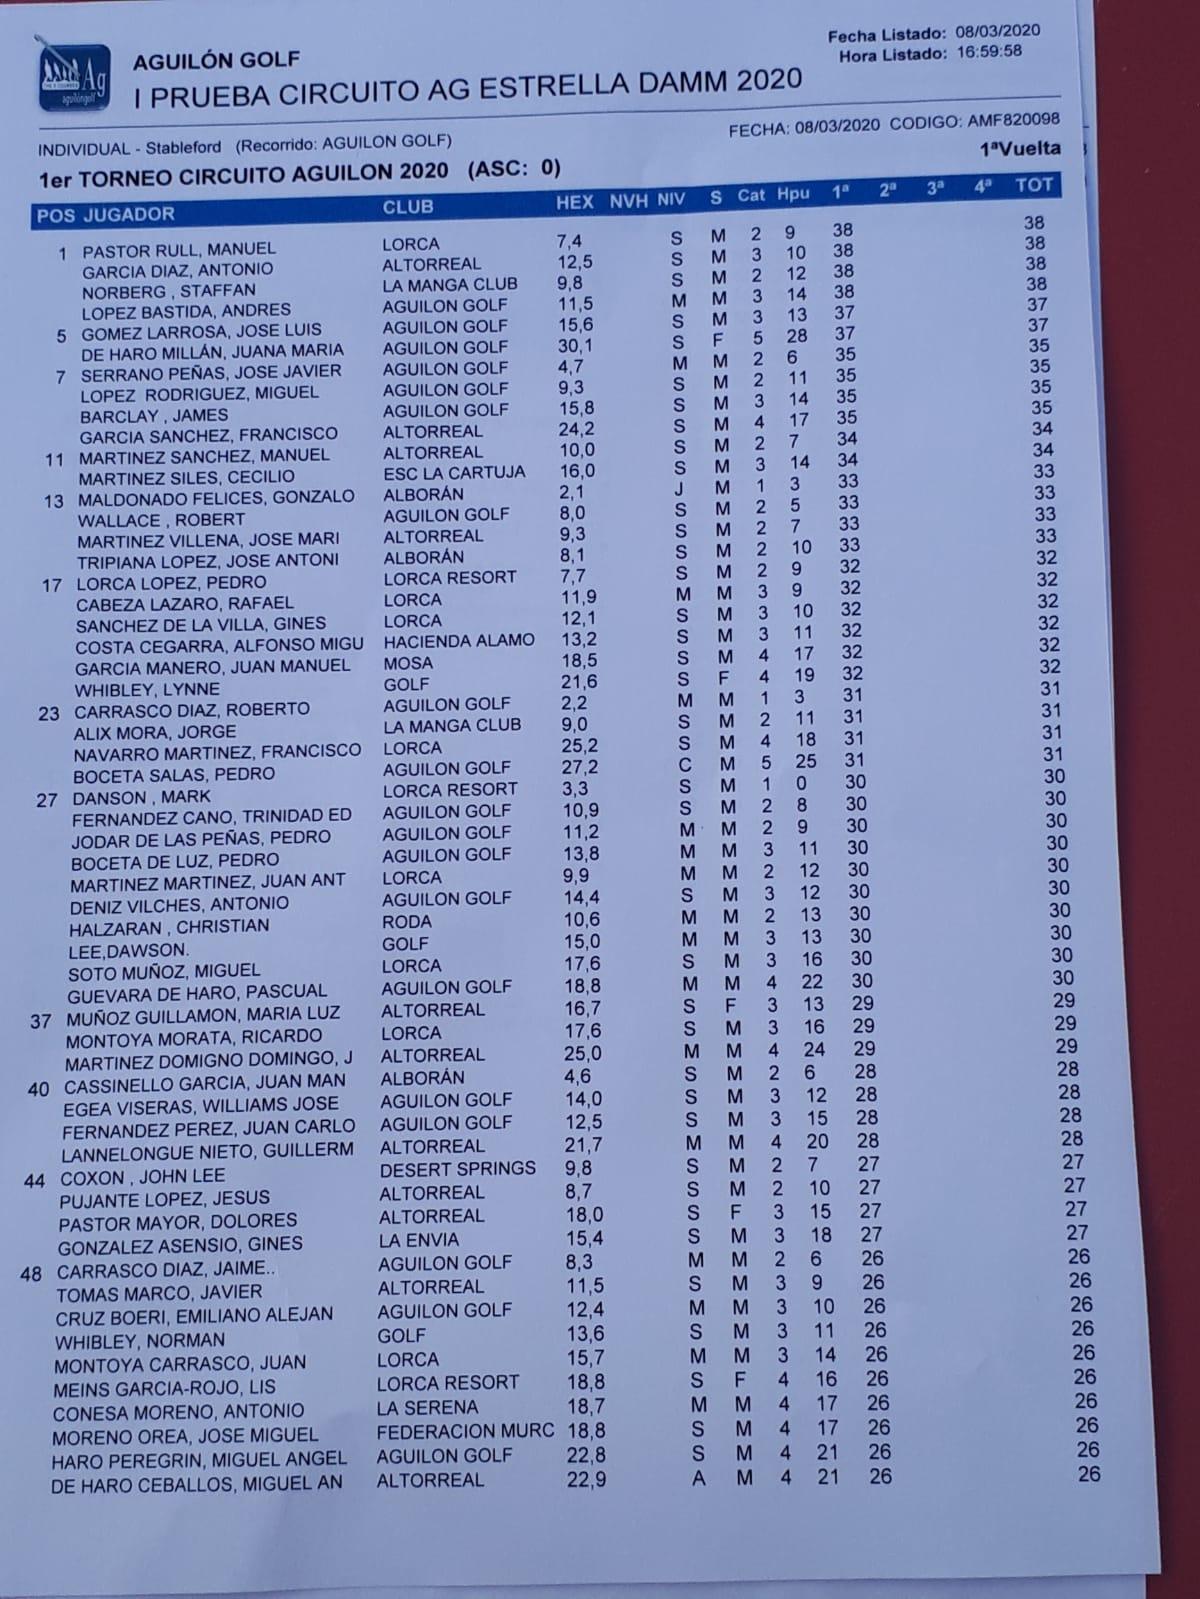 200308 AGU, Clasificación del torneo (1)